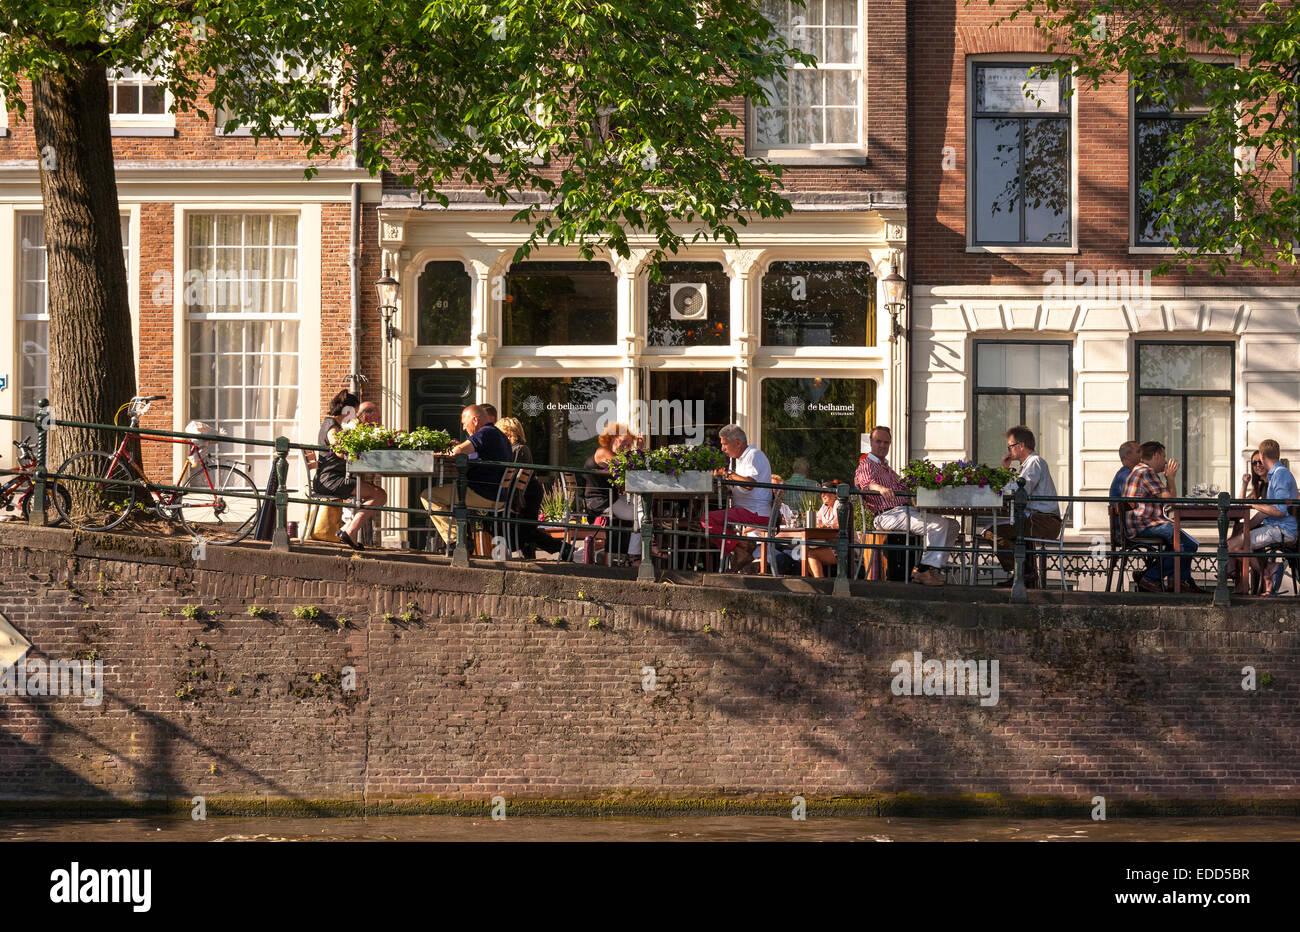 El restaurante De Belhamel en el Brouwersgracht Canal cenar al aire libre terraza al aire libre con vistas a los Imagen De Stock